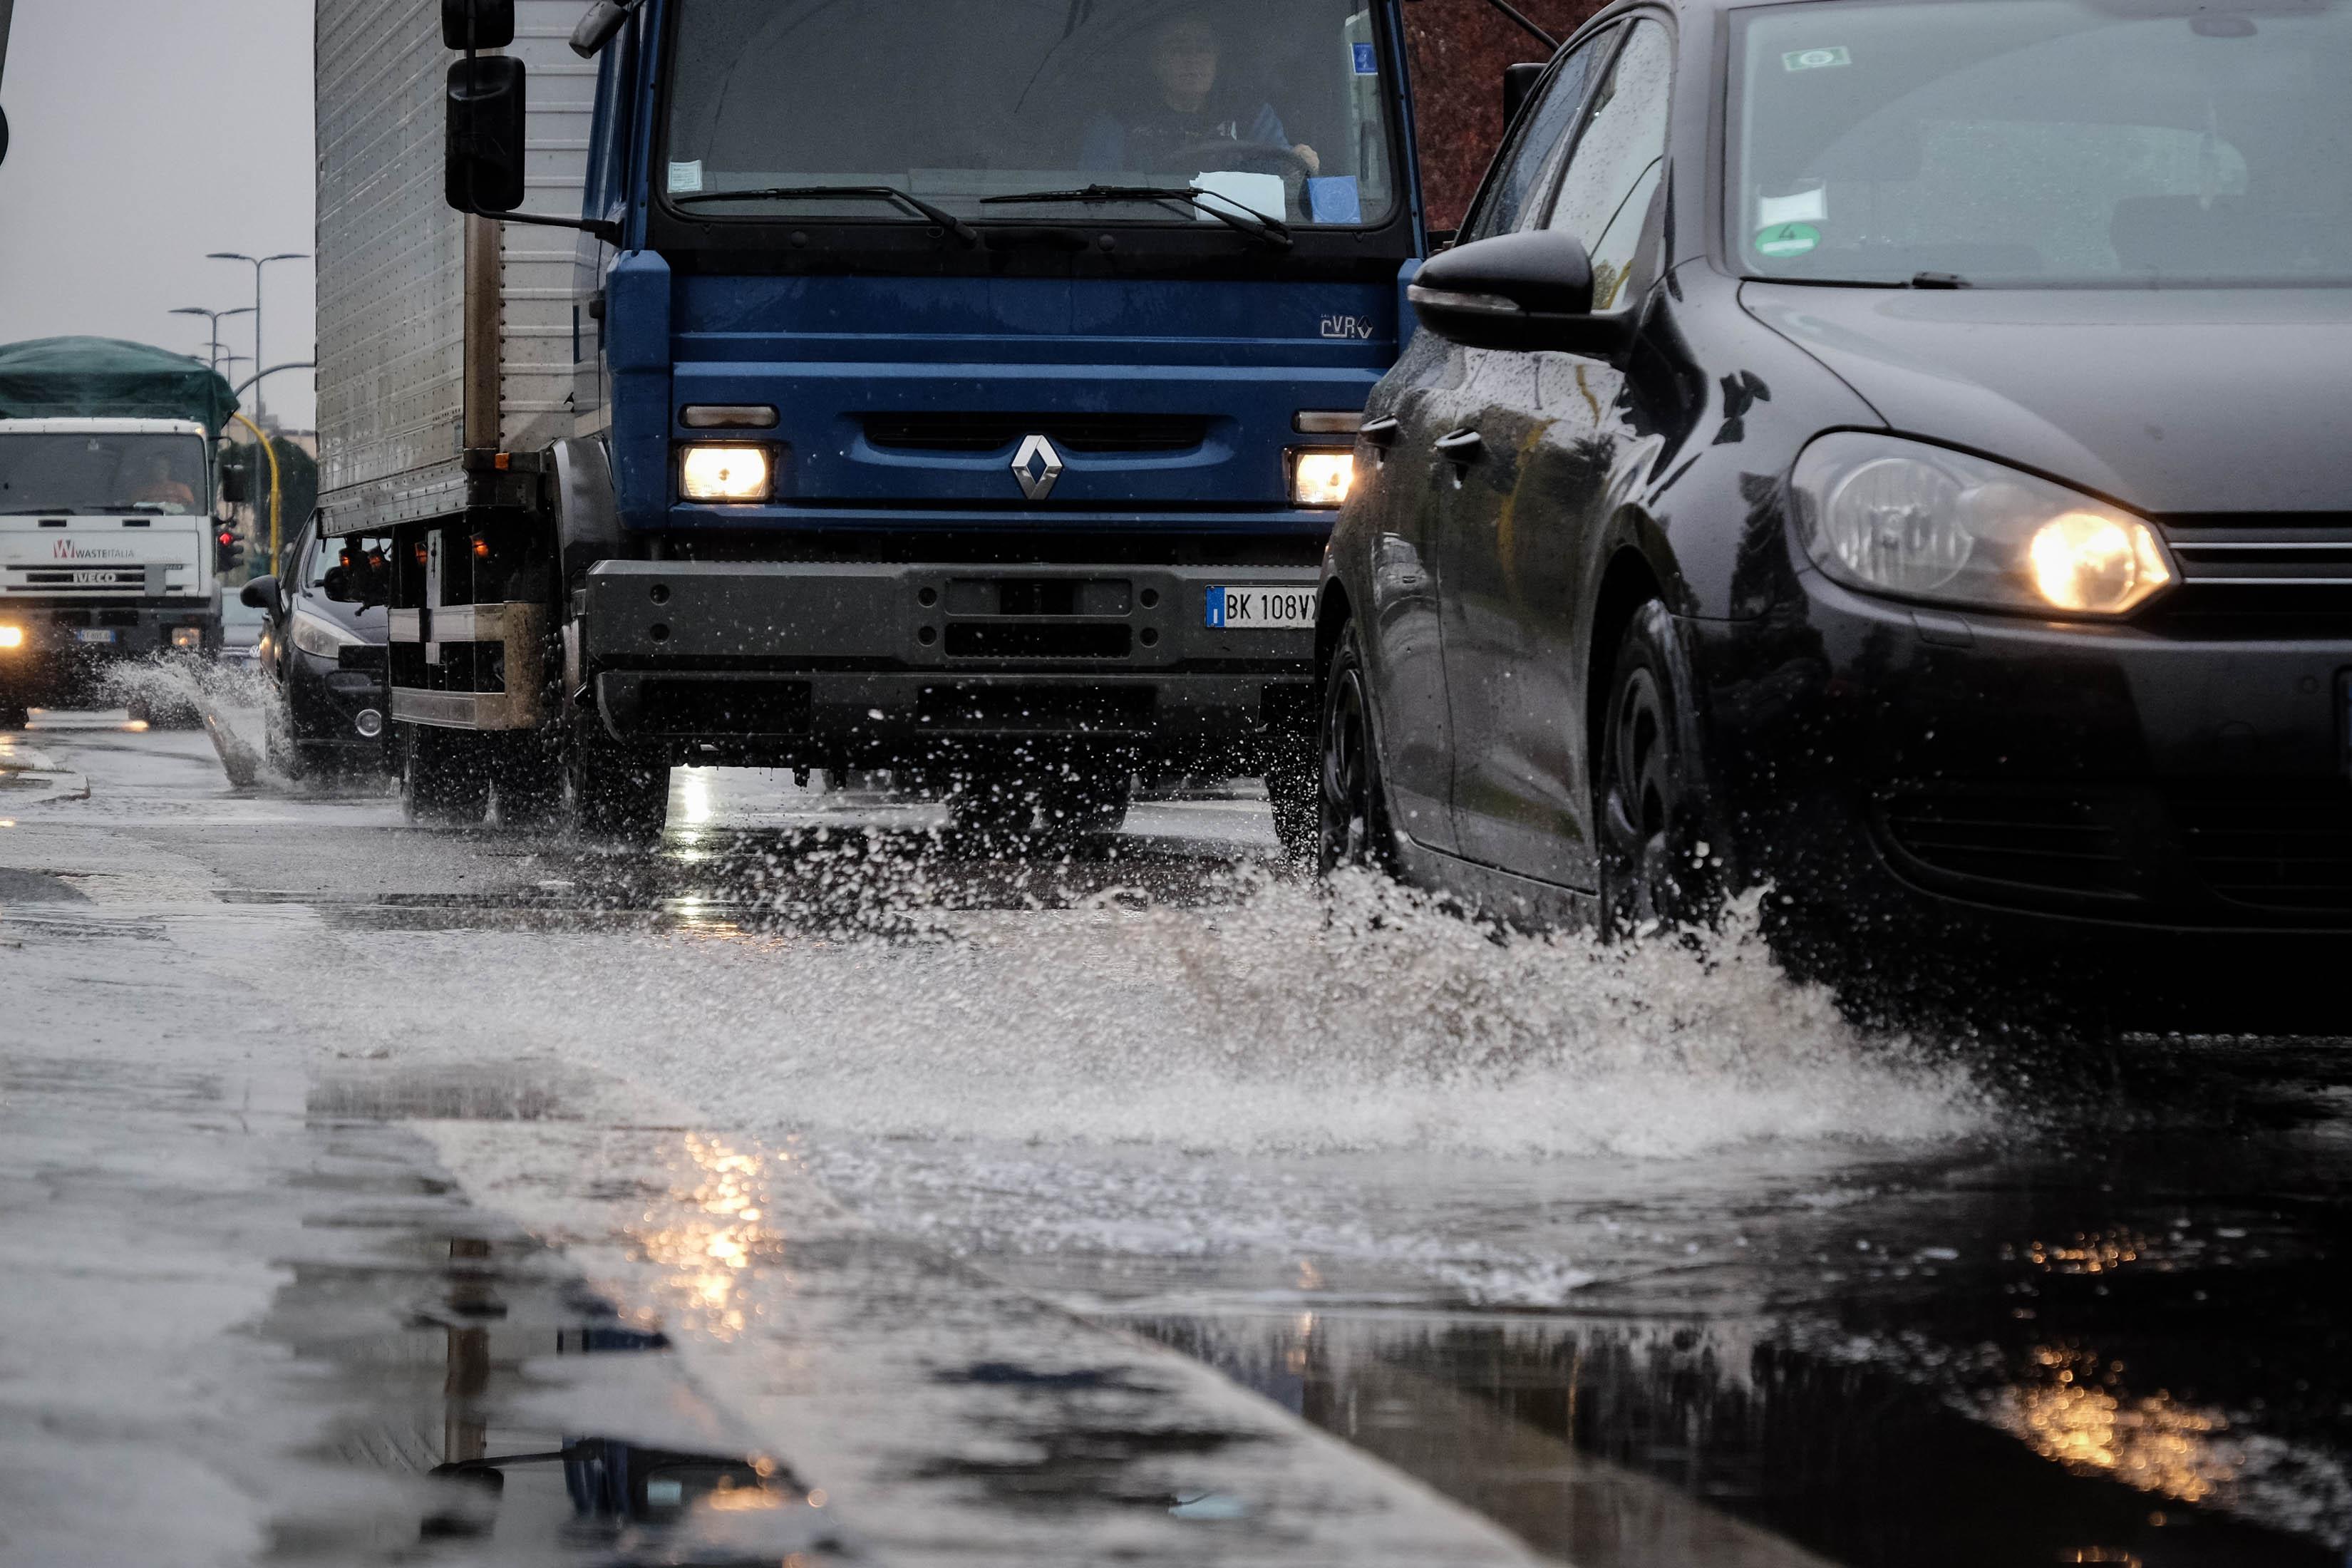 Maltempo, allerta rossa in Piemonte: forti piogge su torinese e cuneese